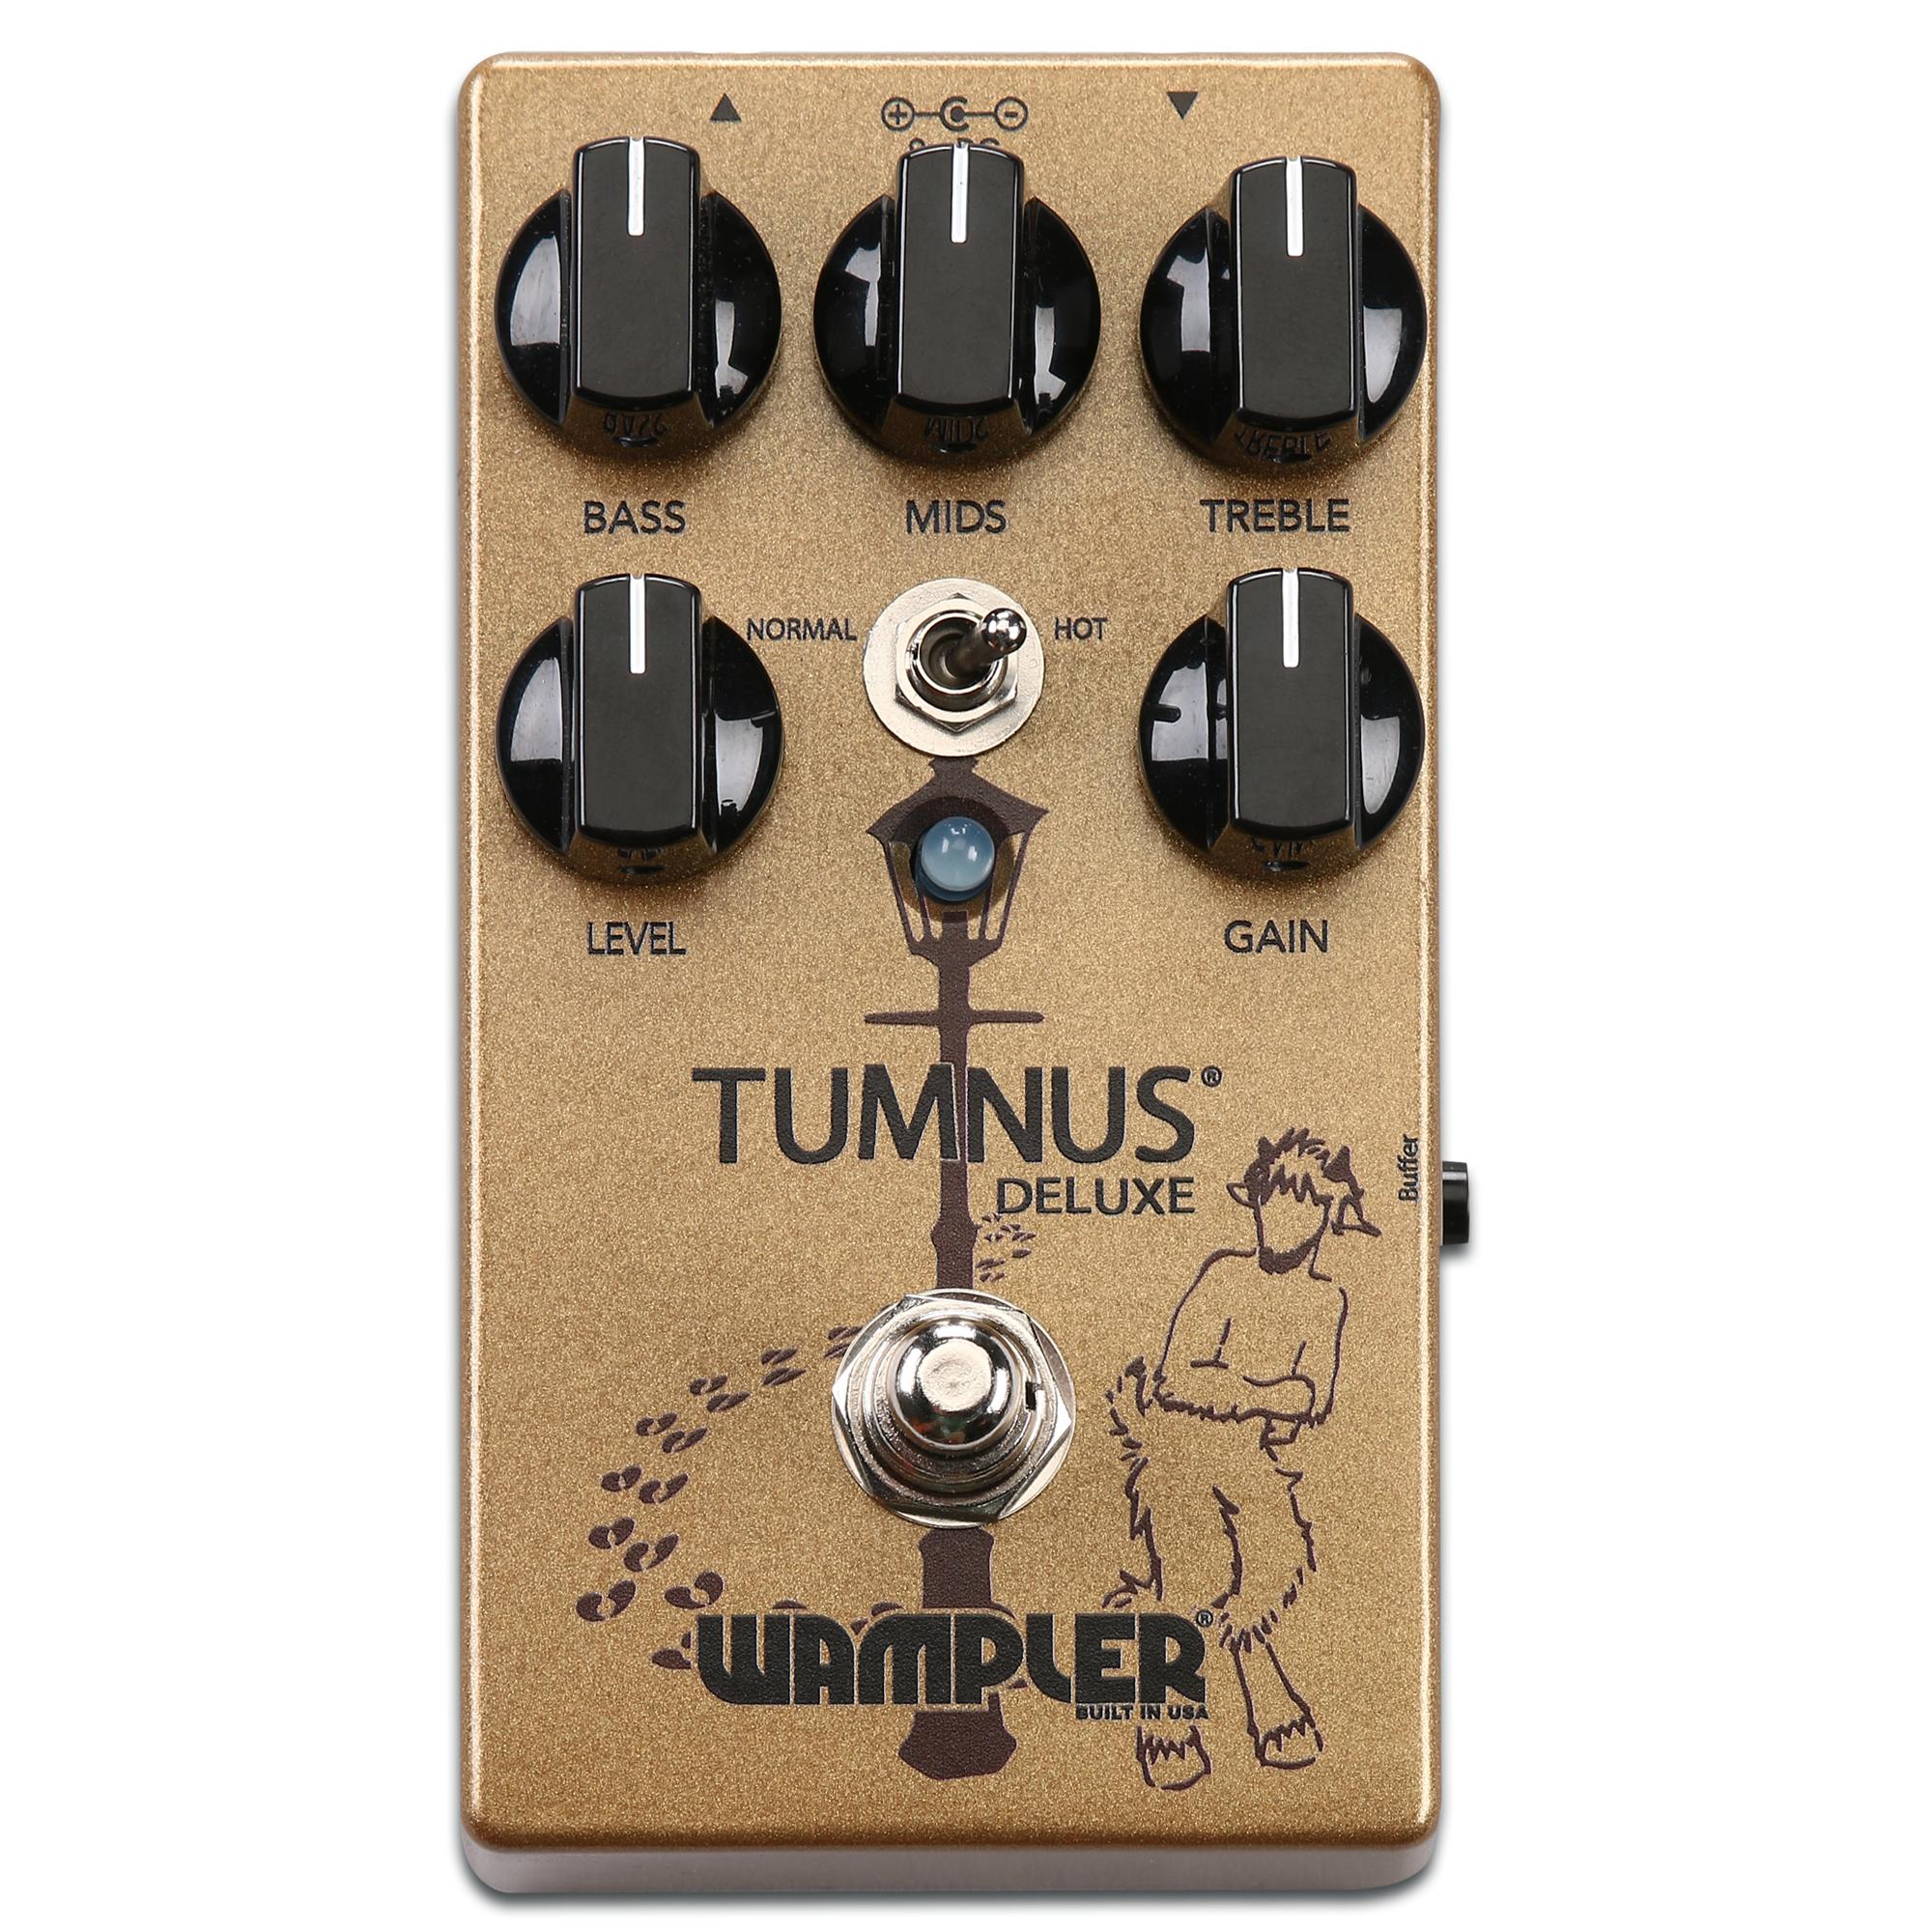 Tumnus_deluxe_face